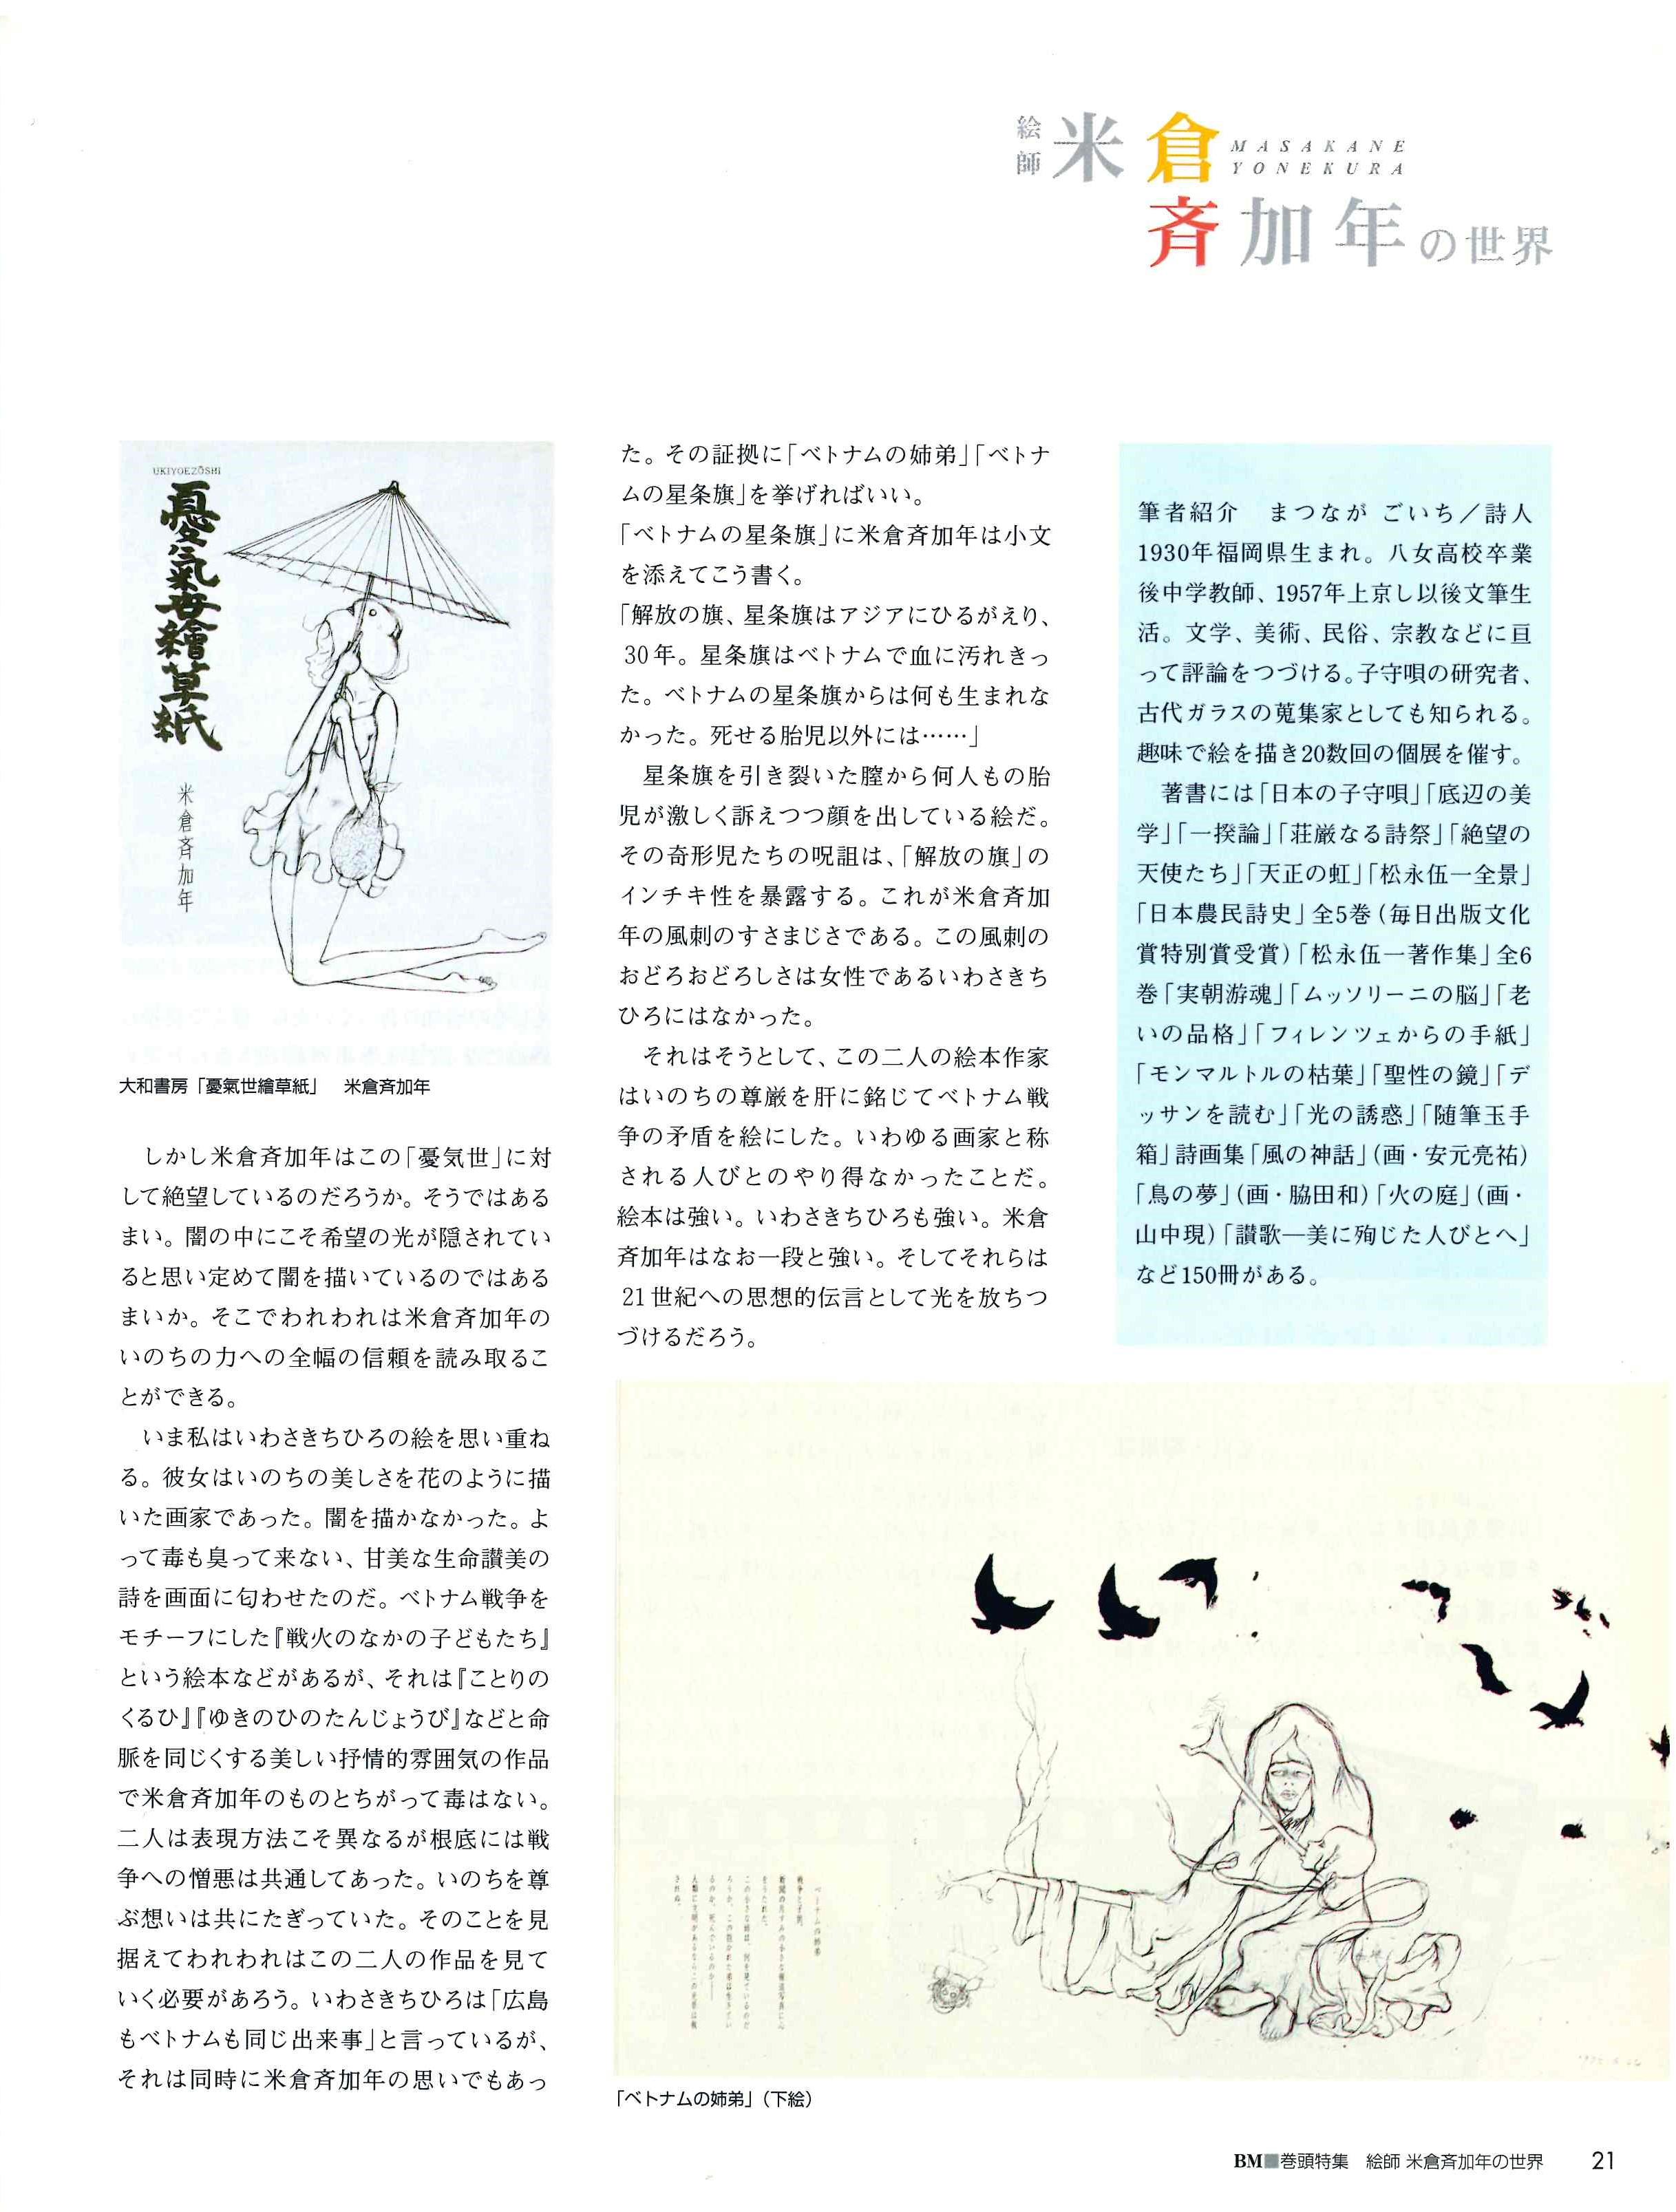 BM-美術の杜 vol.10 | 2006.10 - 17